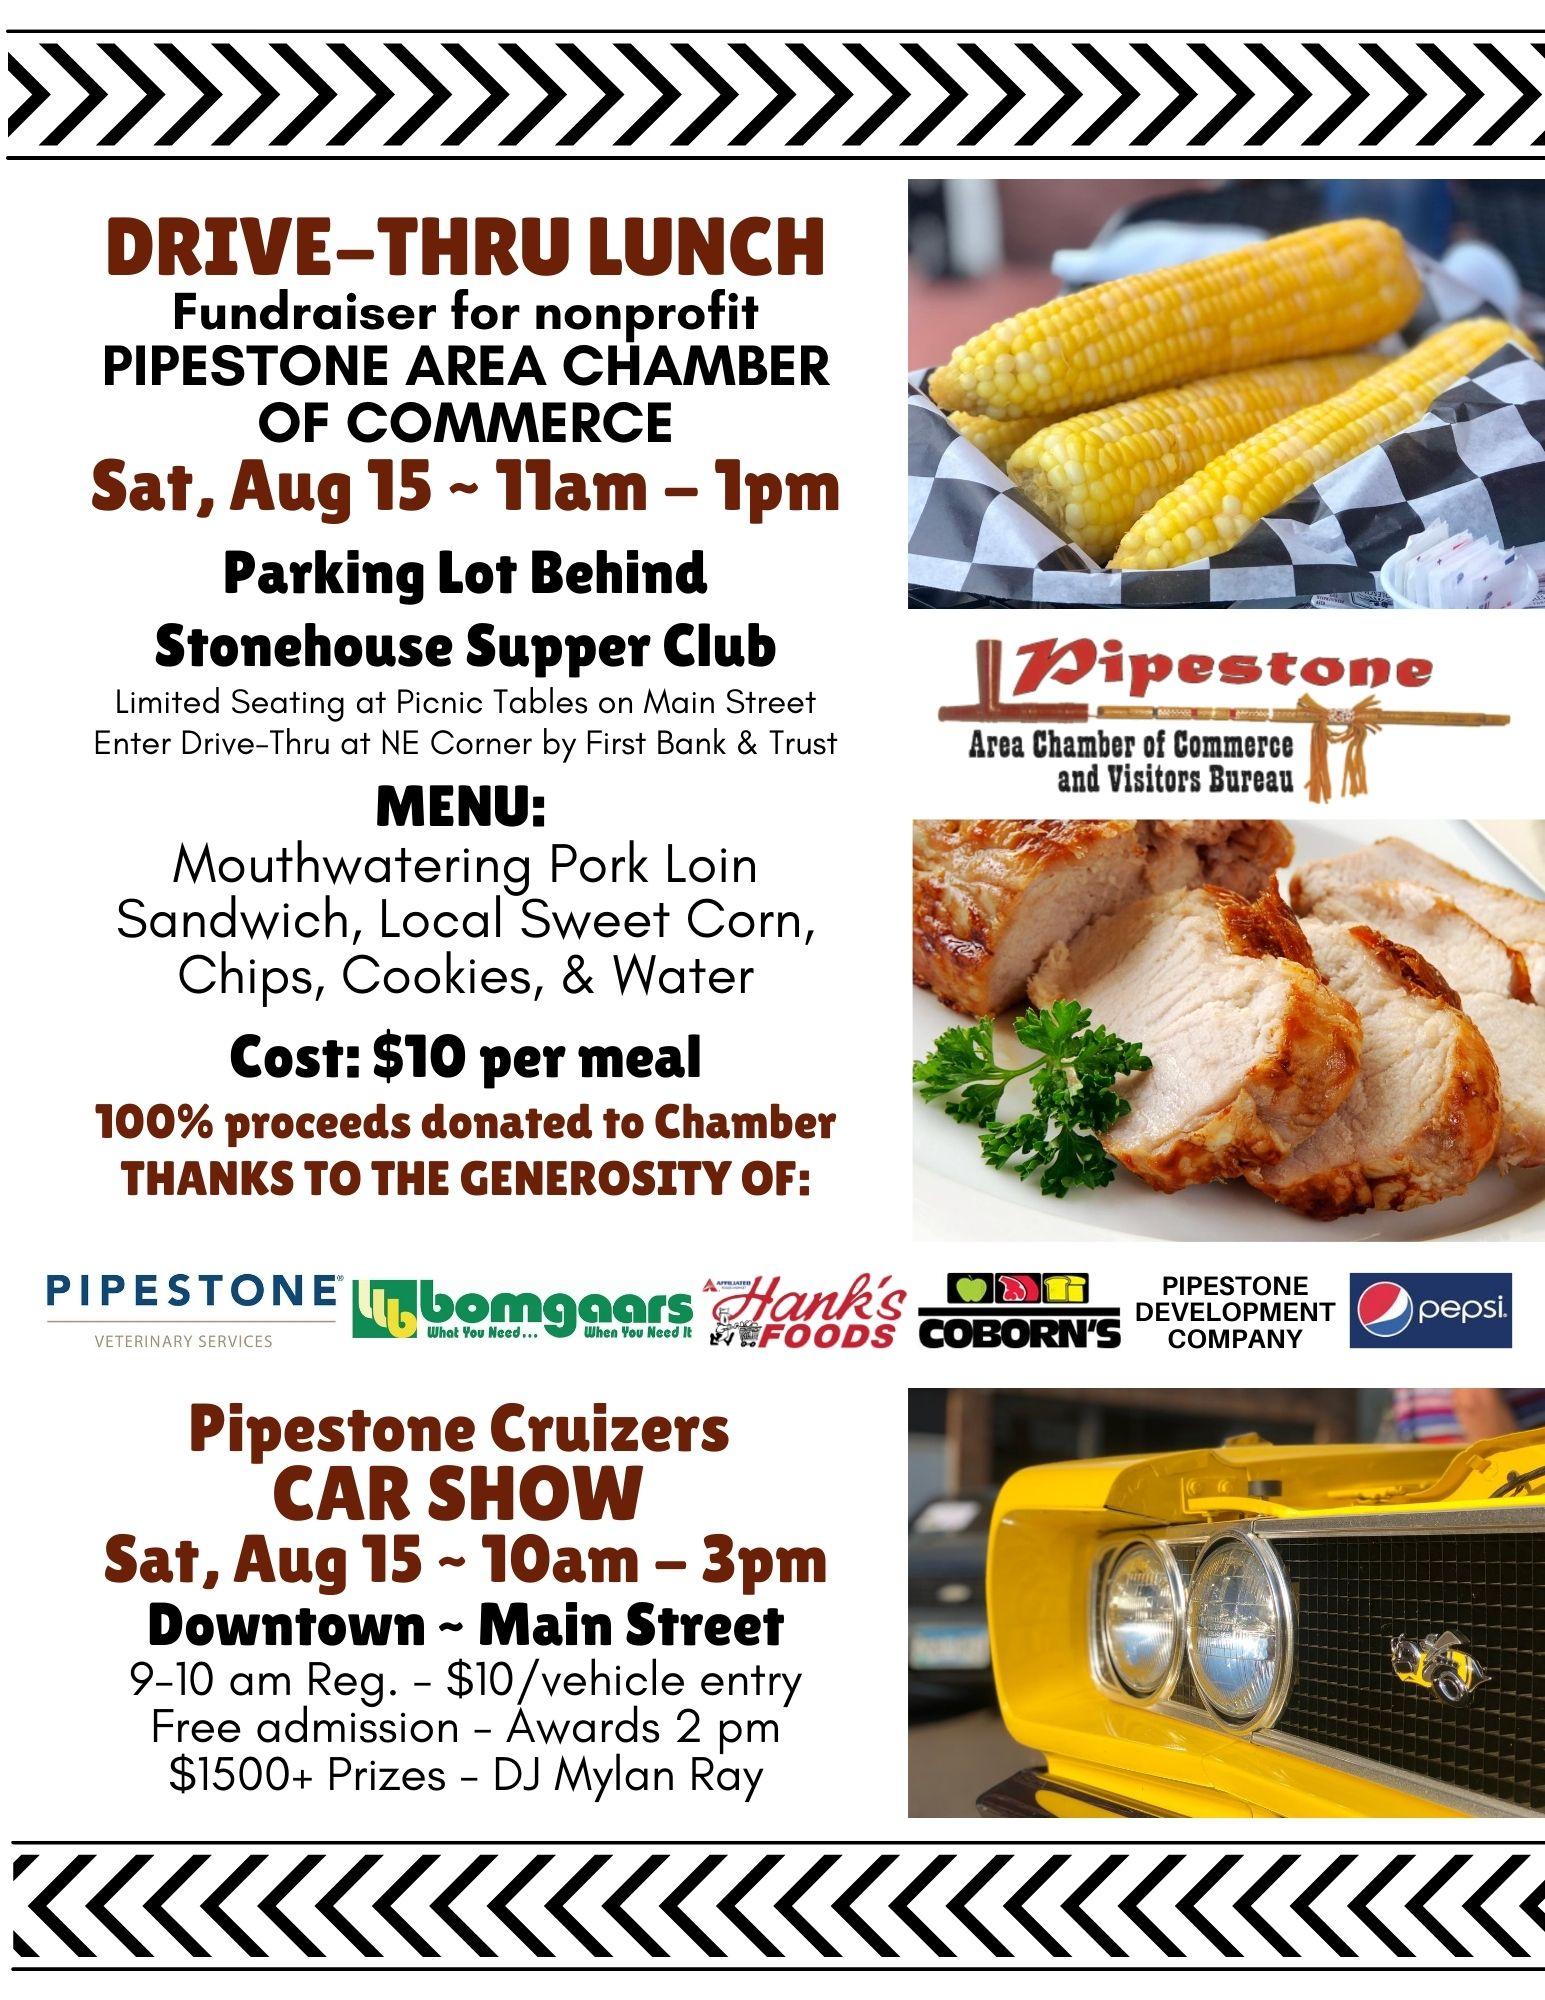 Drive-Thru Lunch & Car Show